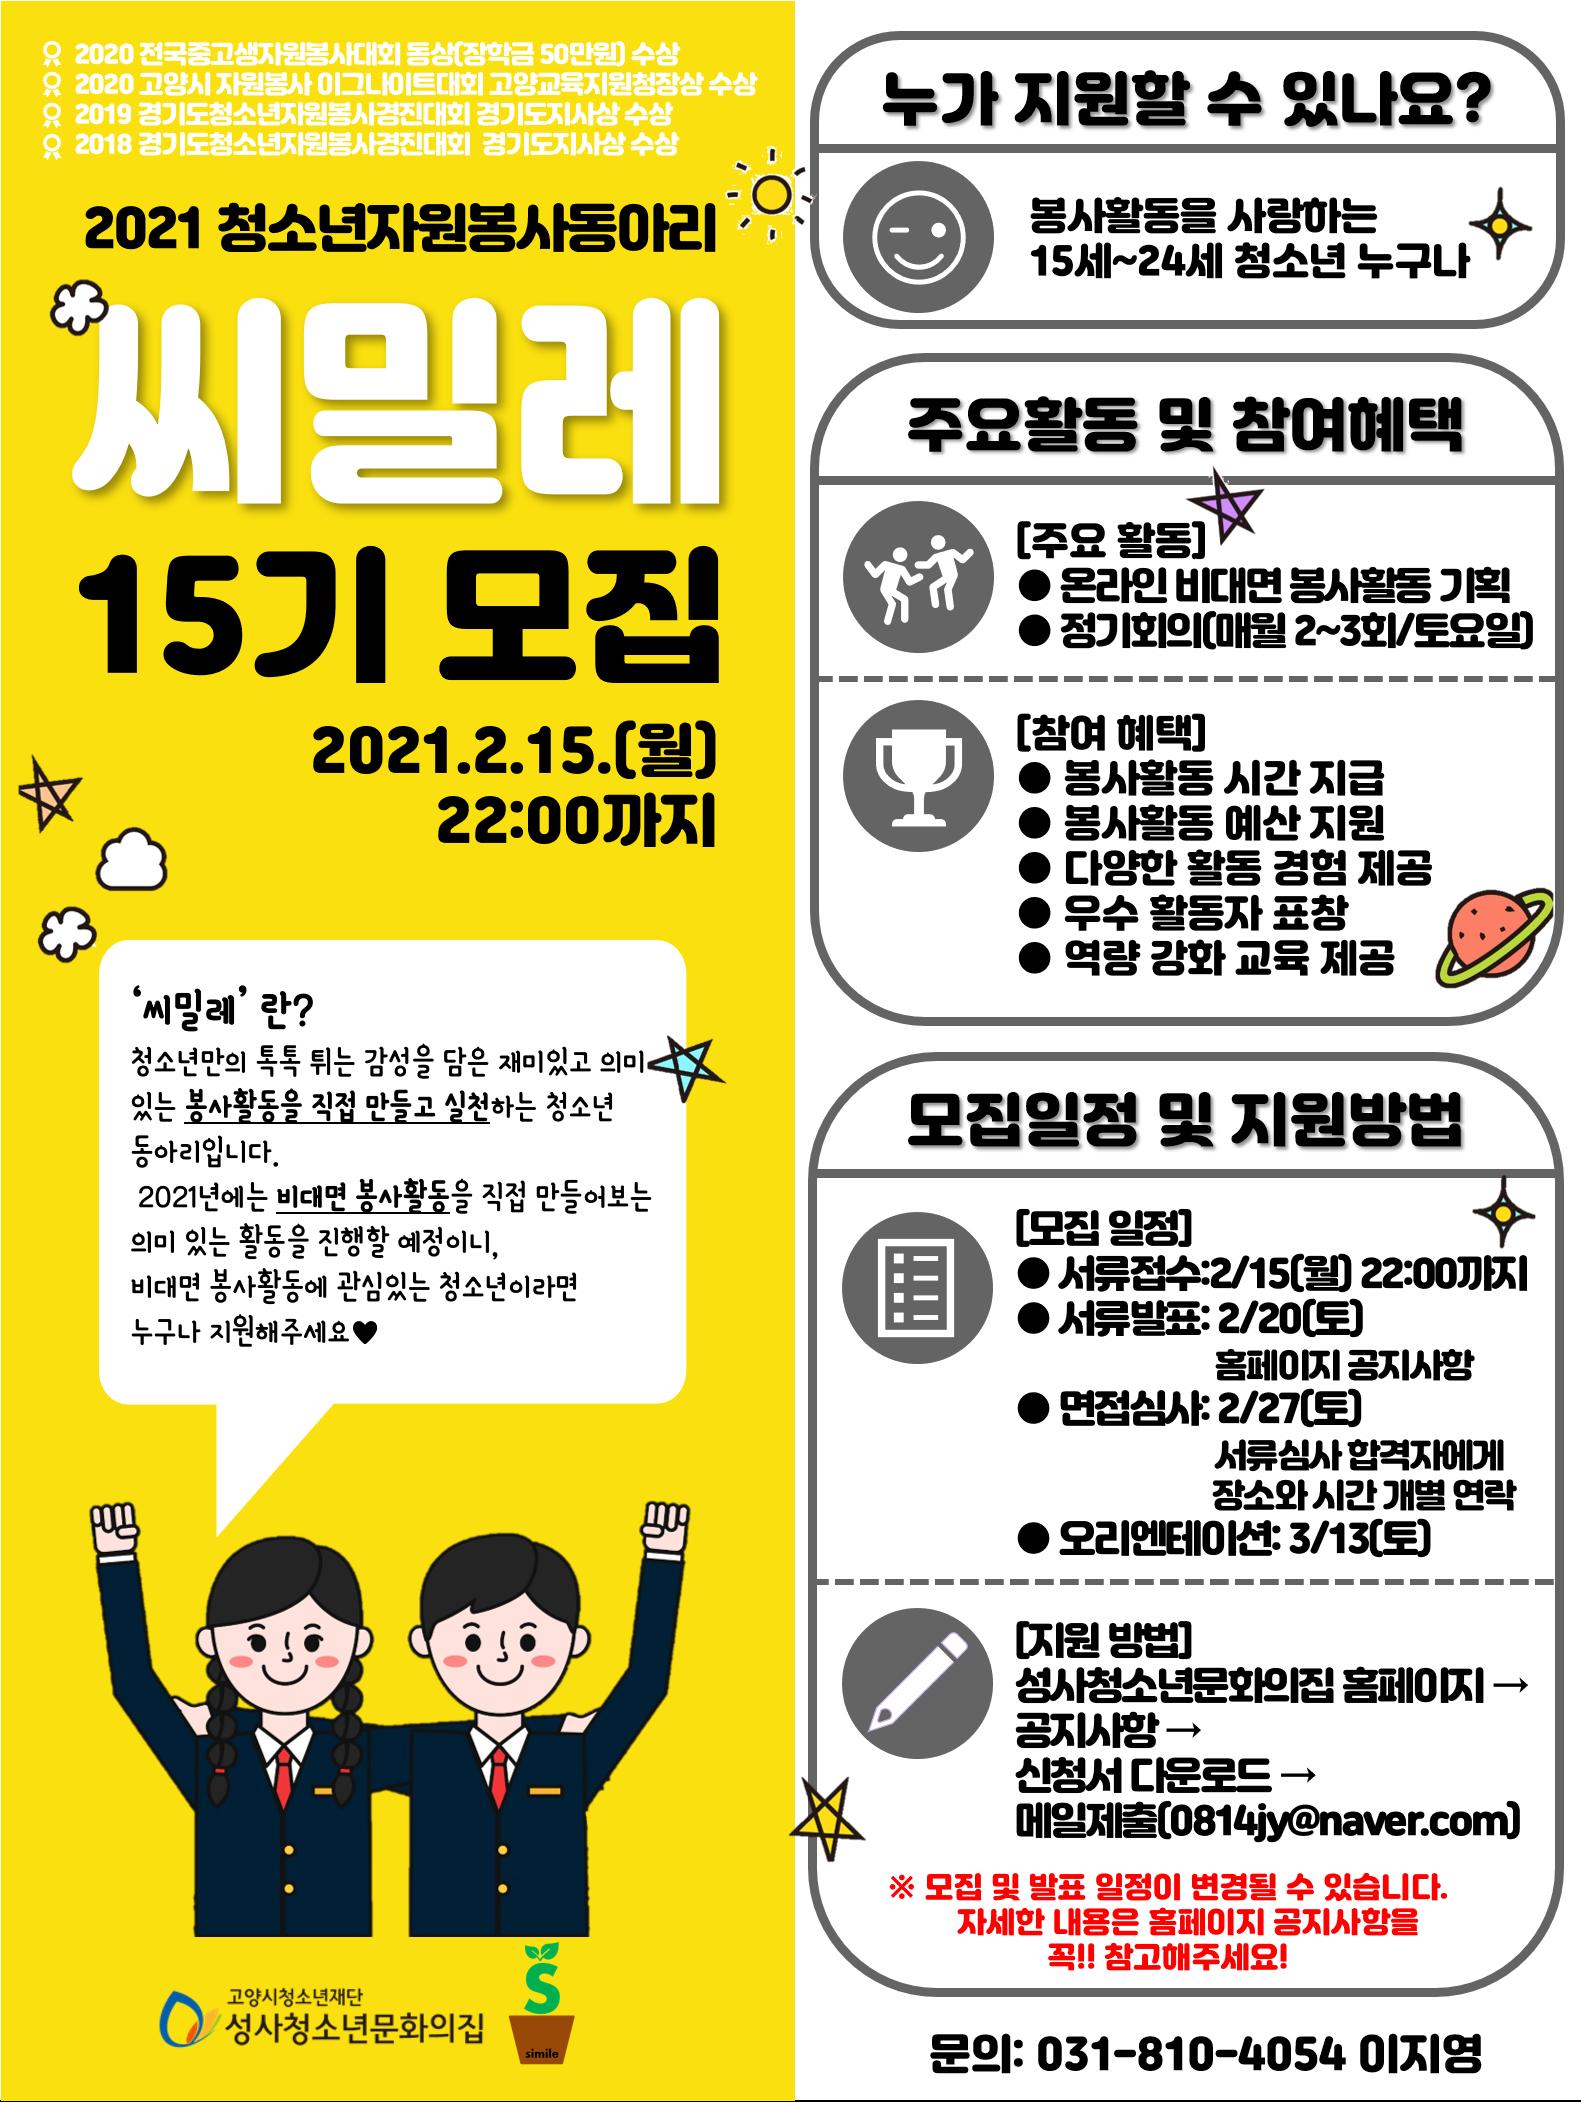 [일반] 2021년 청소년자원봉사동아리 씨밀레 15기 모집 홍보의 첨부이미지 1